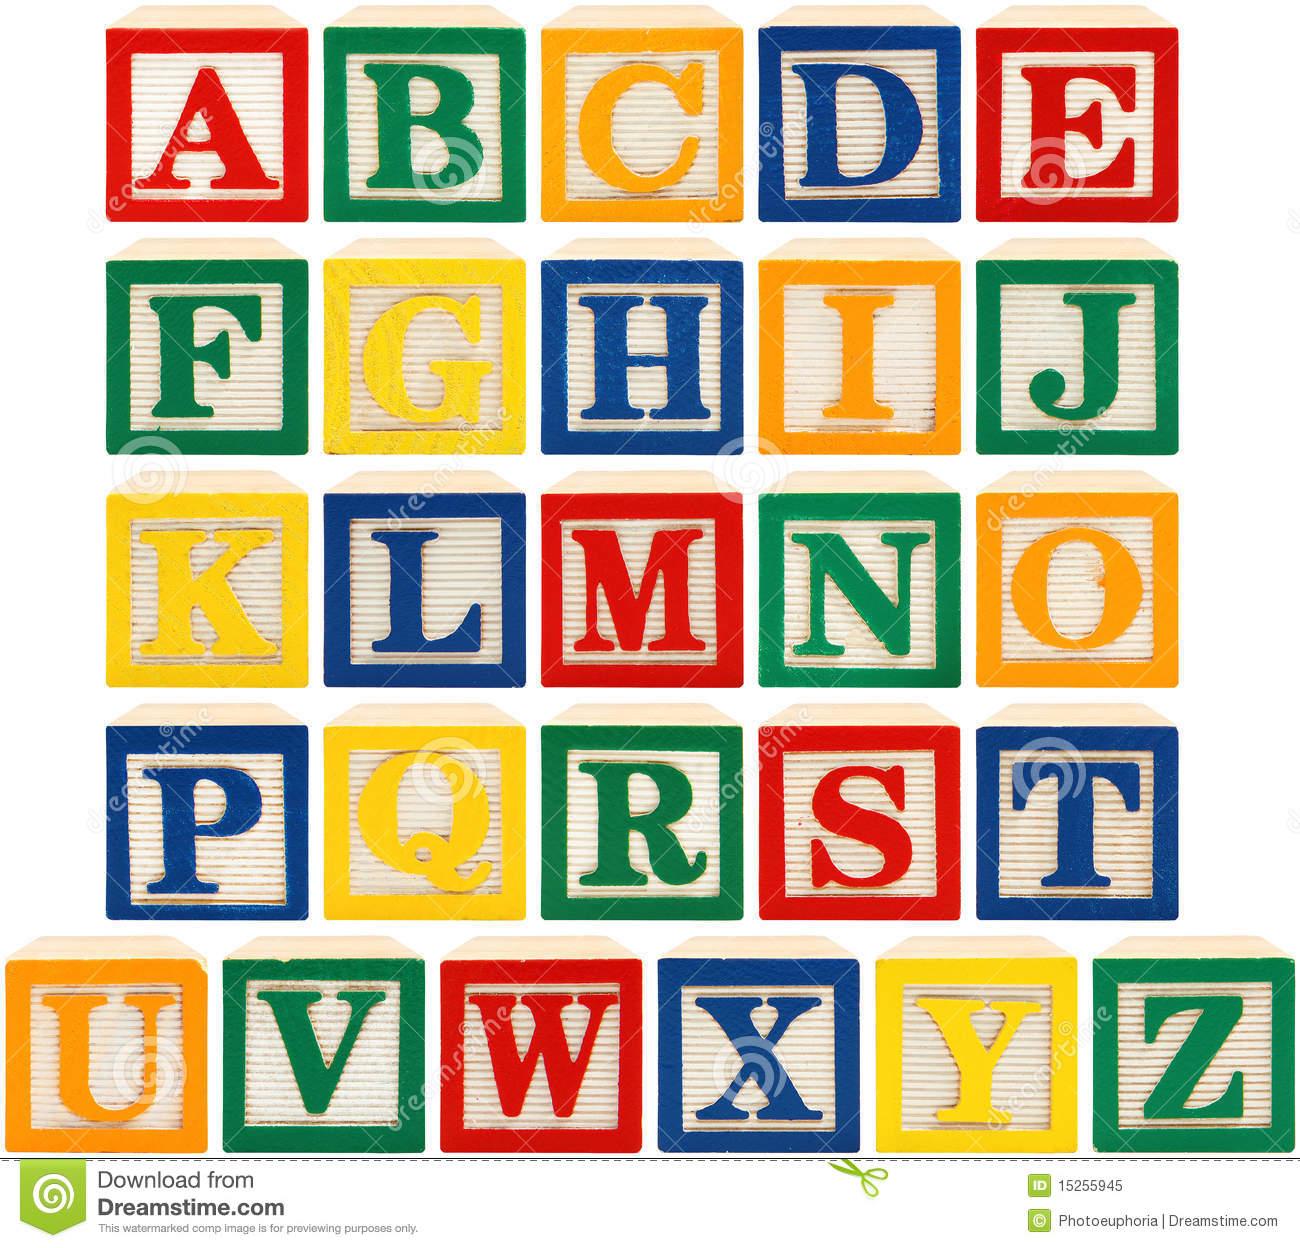 16 Wooden Block Letters Font Images.